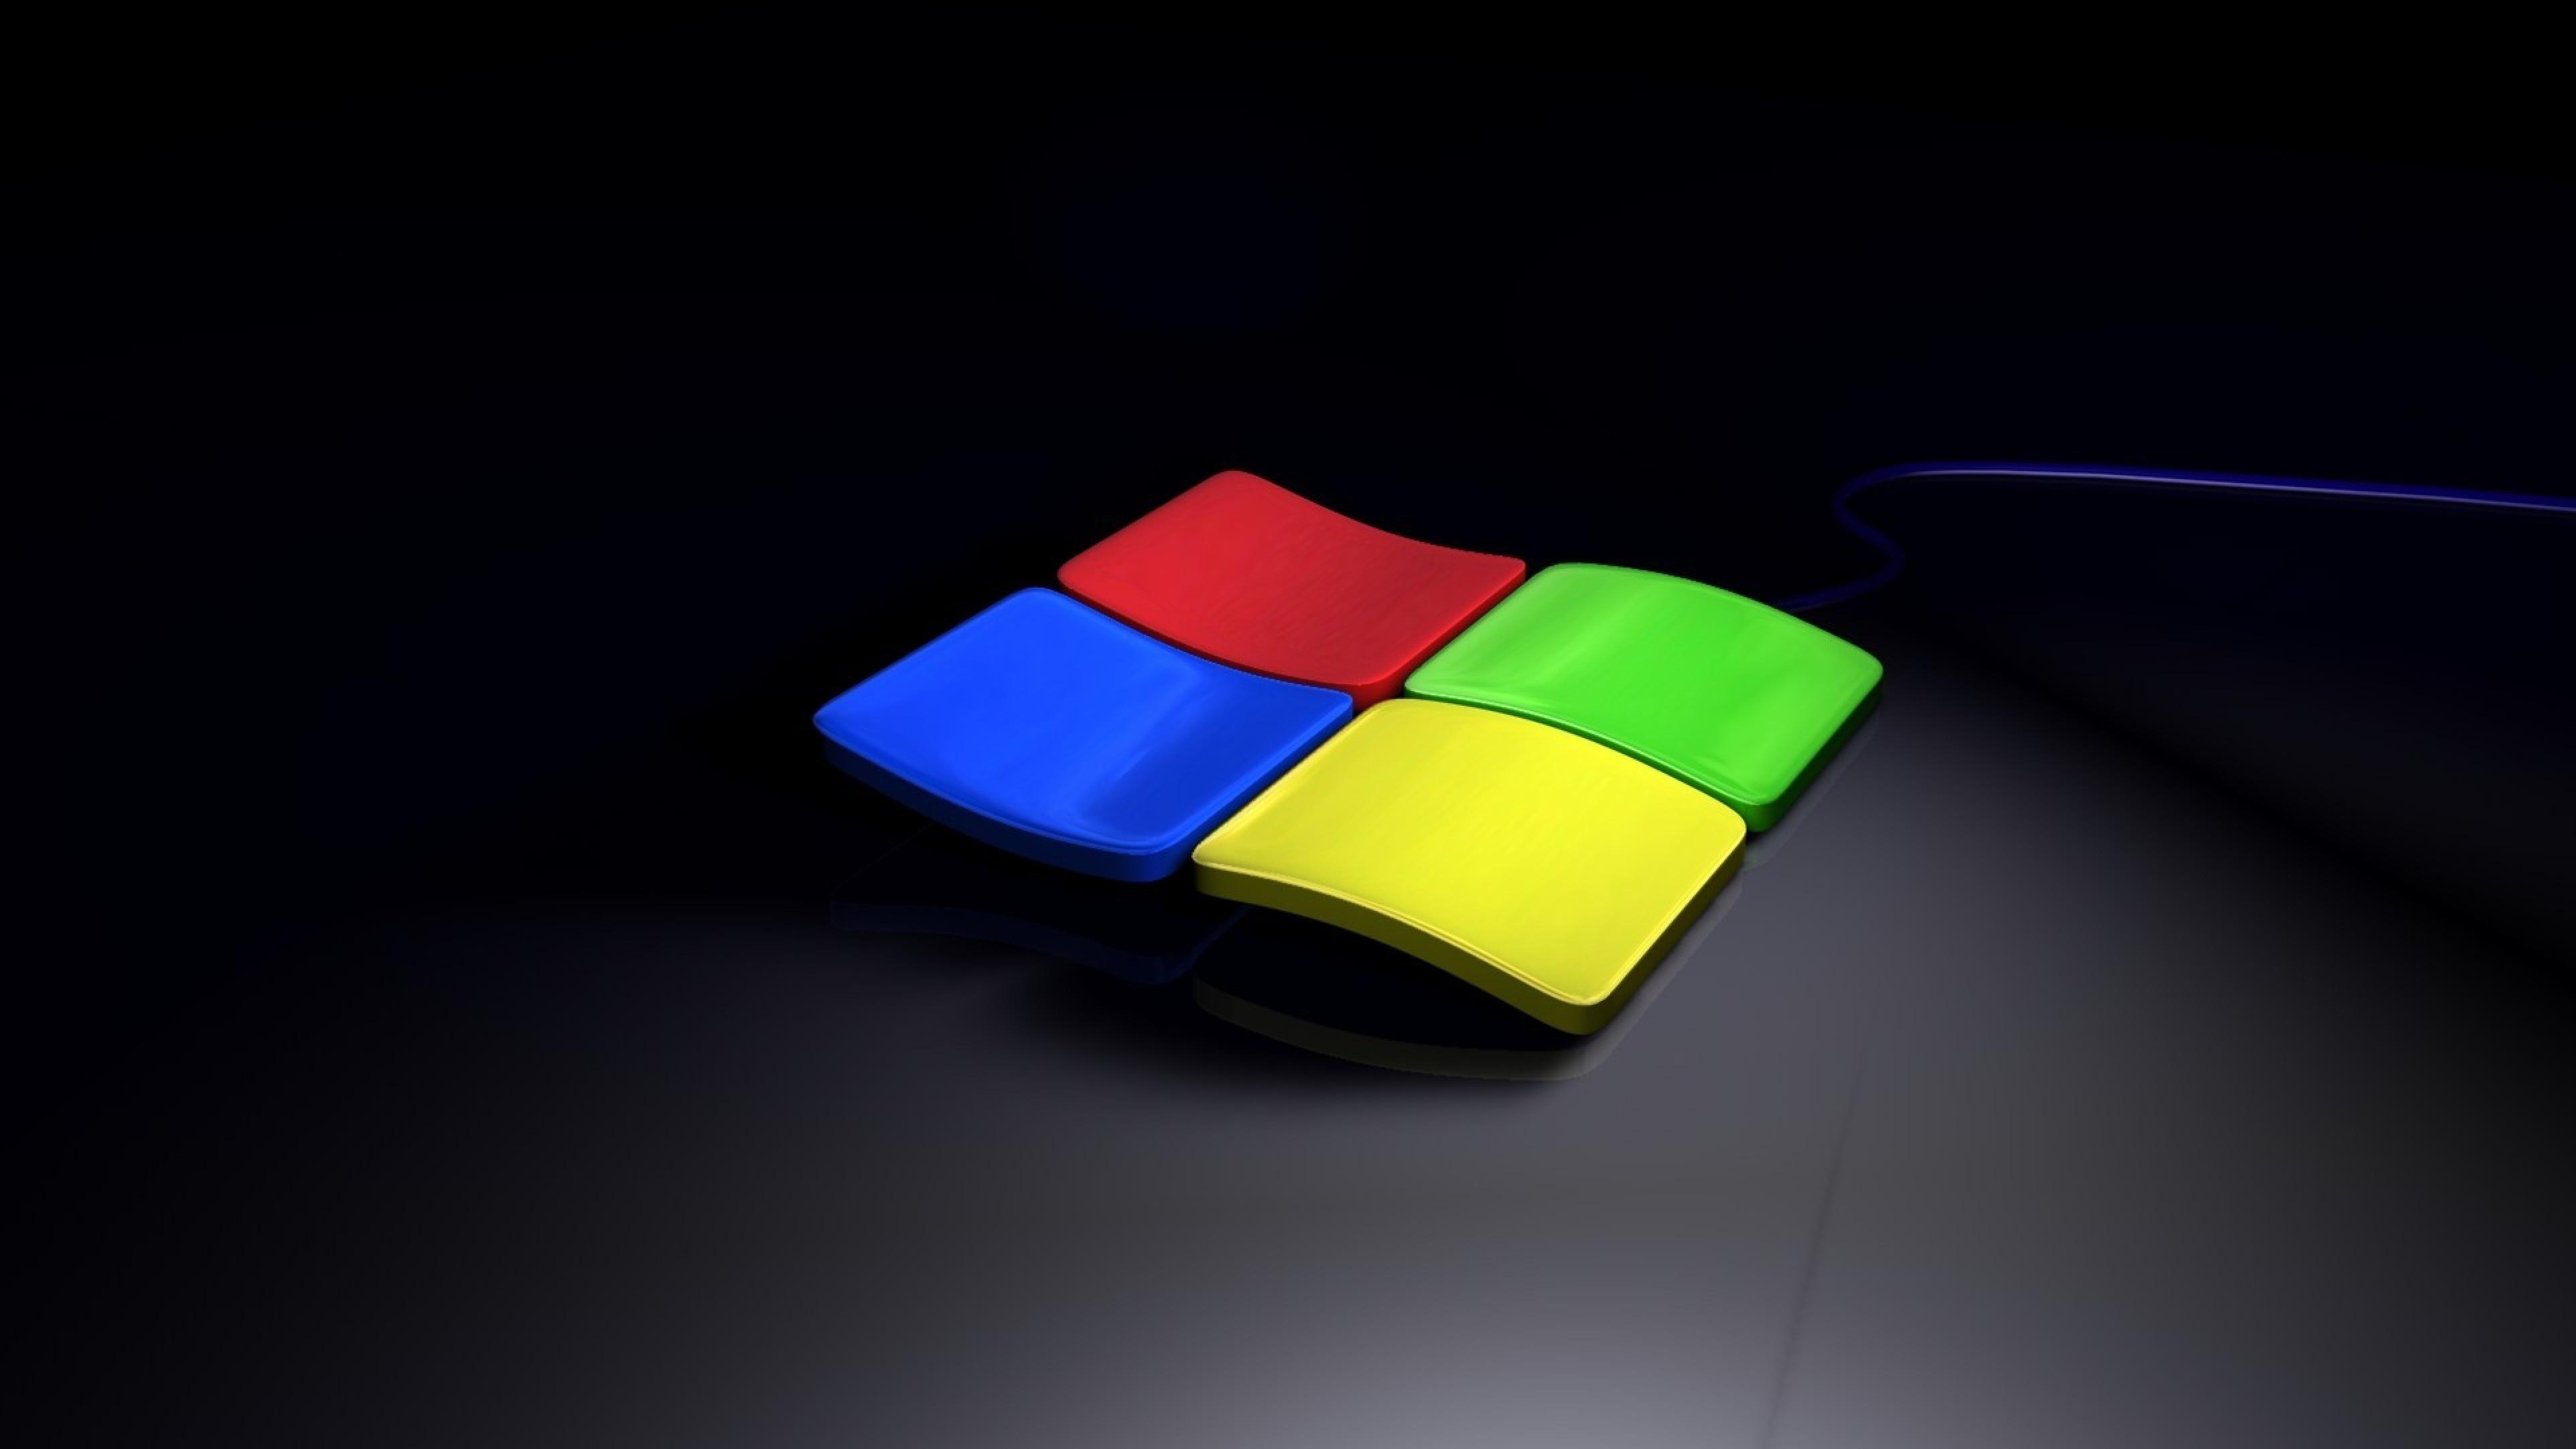 4k Windows Desktop Wallpaper Wallpapersafari